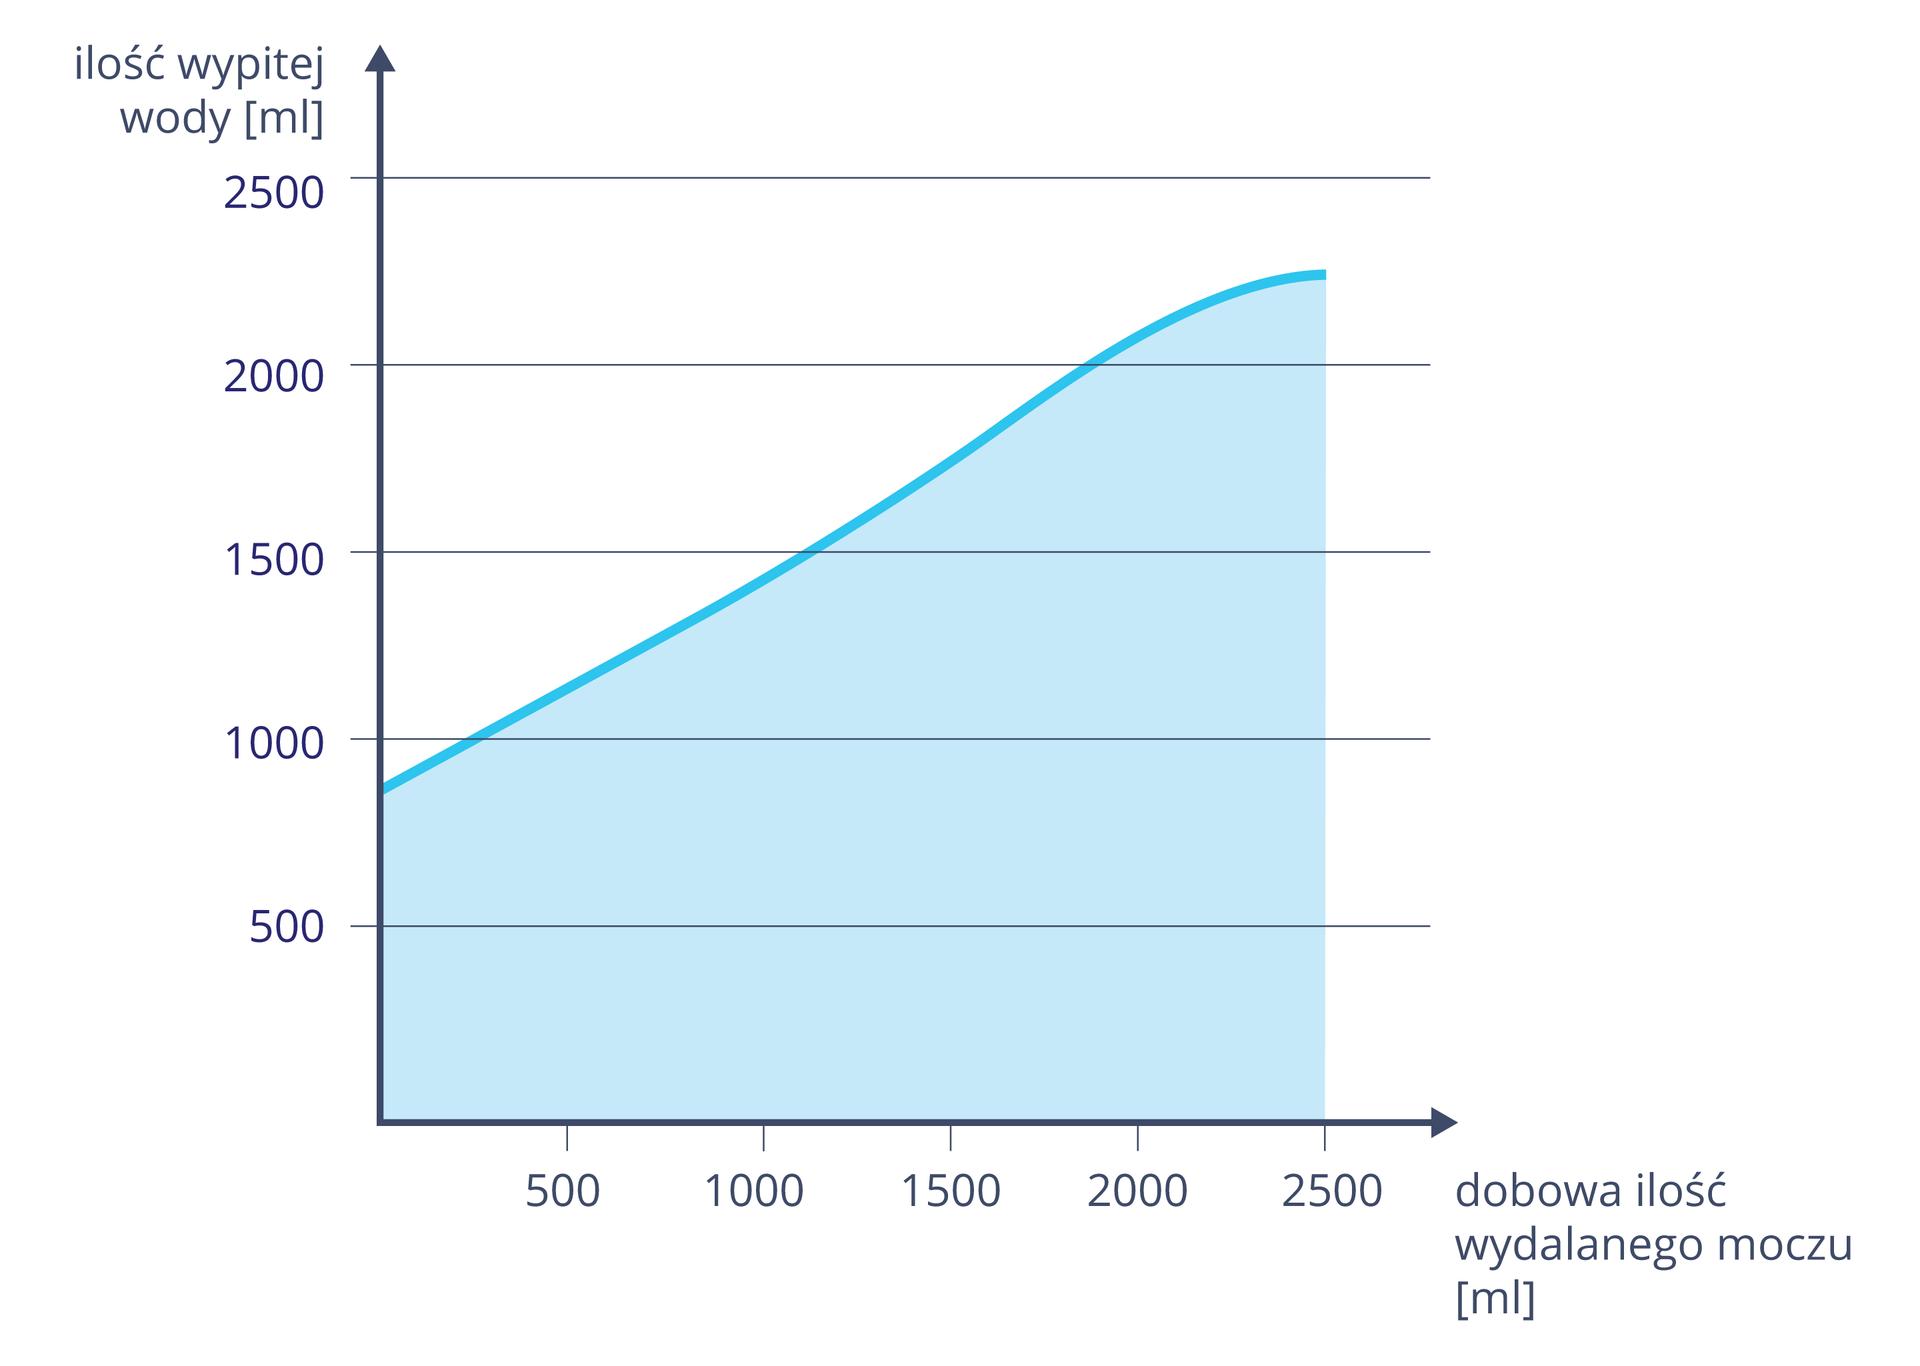 Wykres przedstawia zależność ilości wydalanego moczu od wypitej wody. Na osi Xwyskalowano dobowa ilość wydalanego moczu od zera do dwóch tysięcy pięciuset mililitrów. Na osi Yzaznaczono wtej samej skali ilość wypitej wody. Niebieska linia ipłaszczyzna na wykresie wskazuje korelację: im więcej wypitej wody, tym więcej wydalanego moczu.